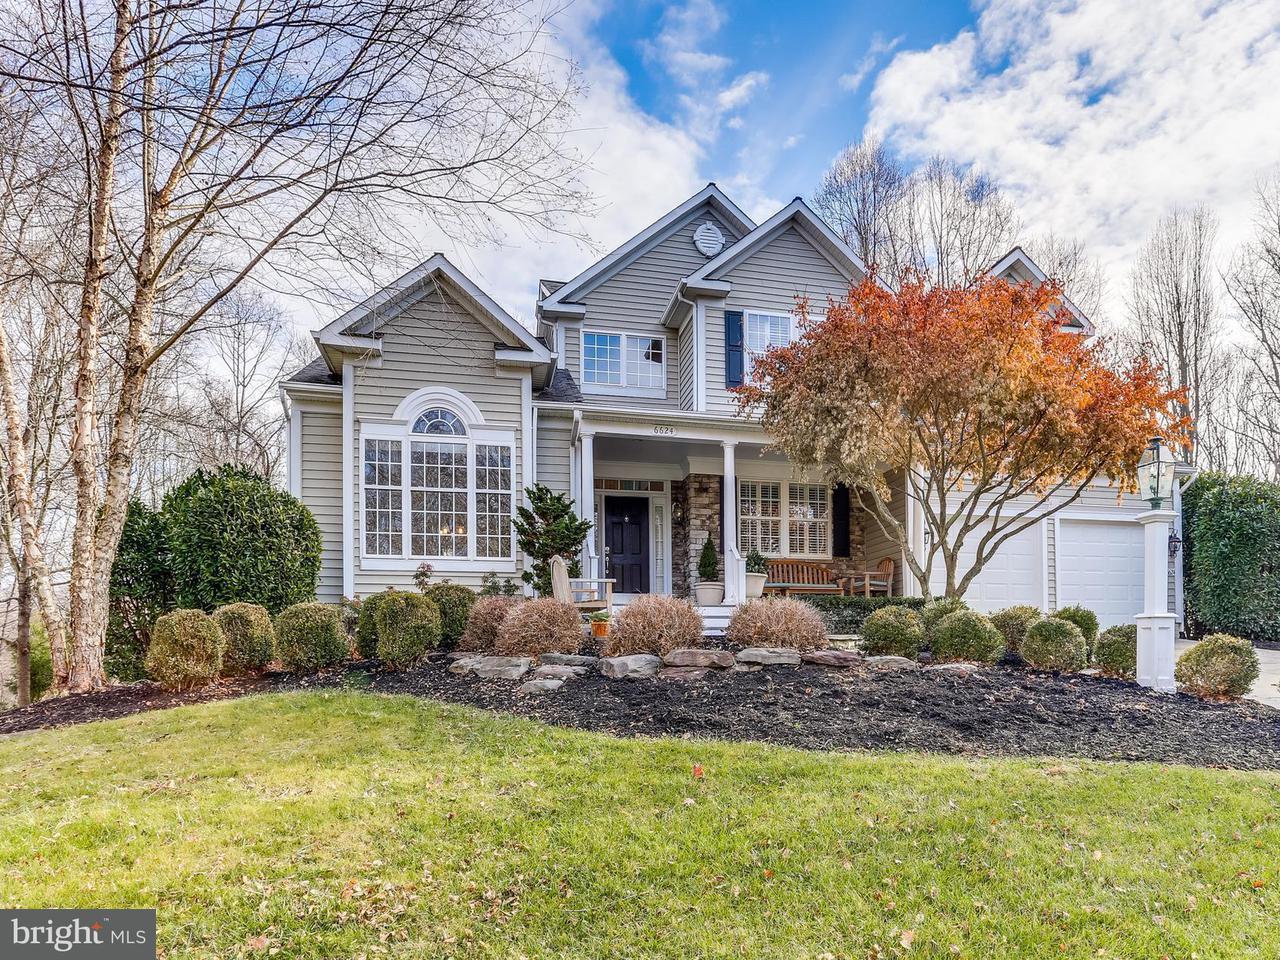 Maison unifamiliale pour l Vente à 6624 TOWERING OAK PATH 6624 TOWERING OAK PATH Columbia, Maryland 21044 États-Unis